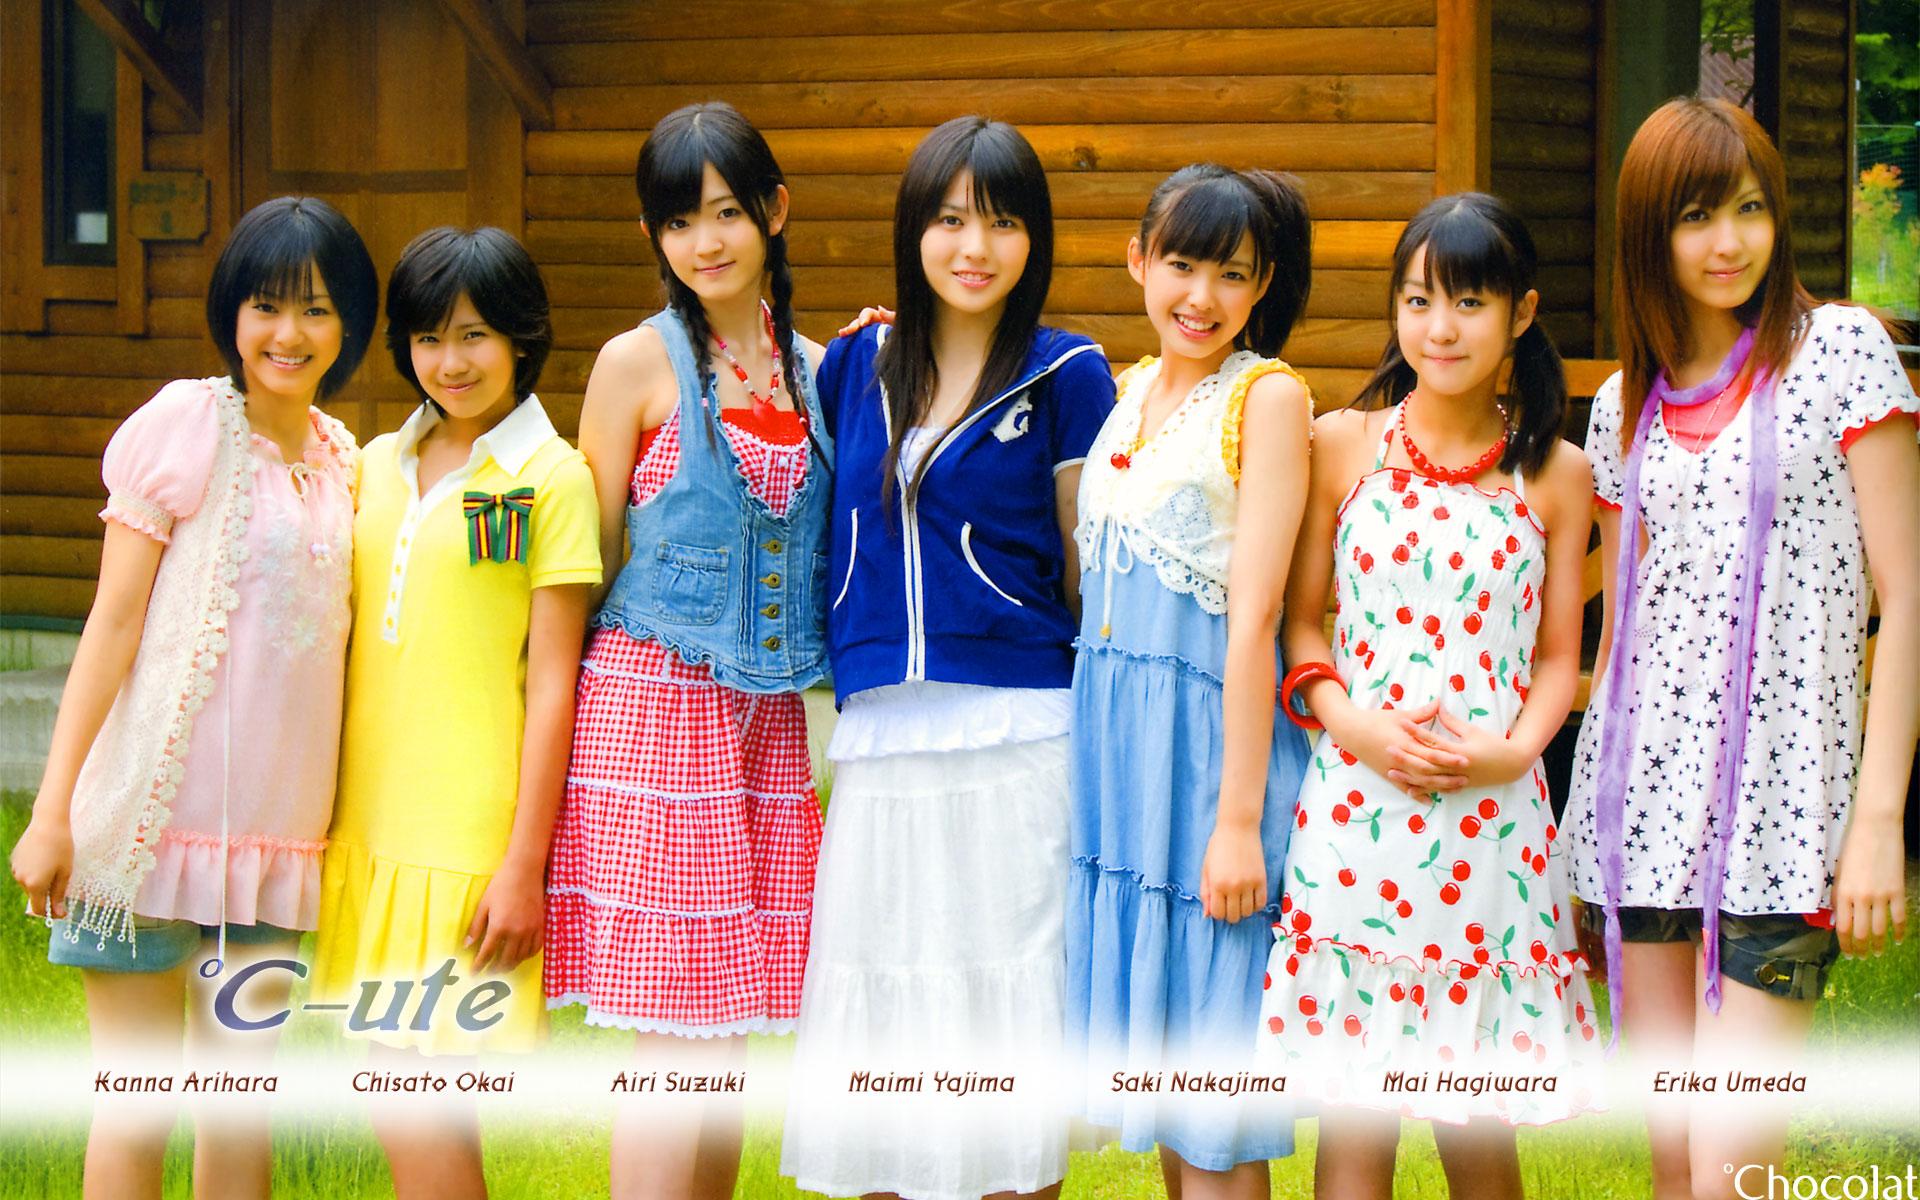 ℃-ute 明星美女壁纸(壁纸1)